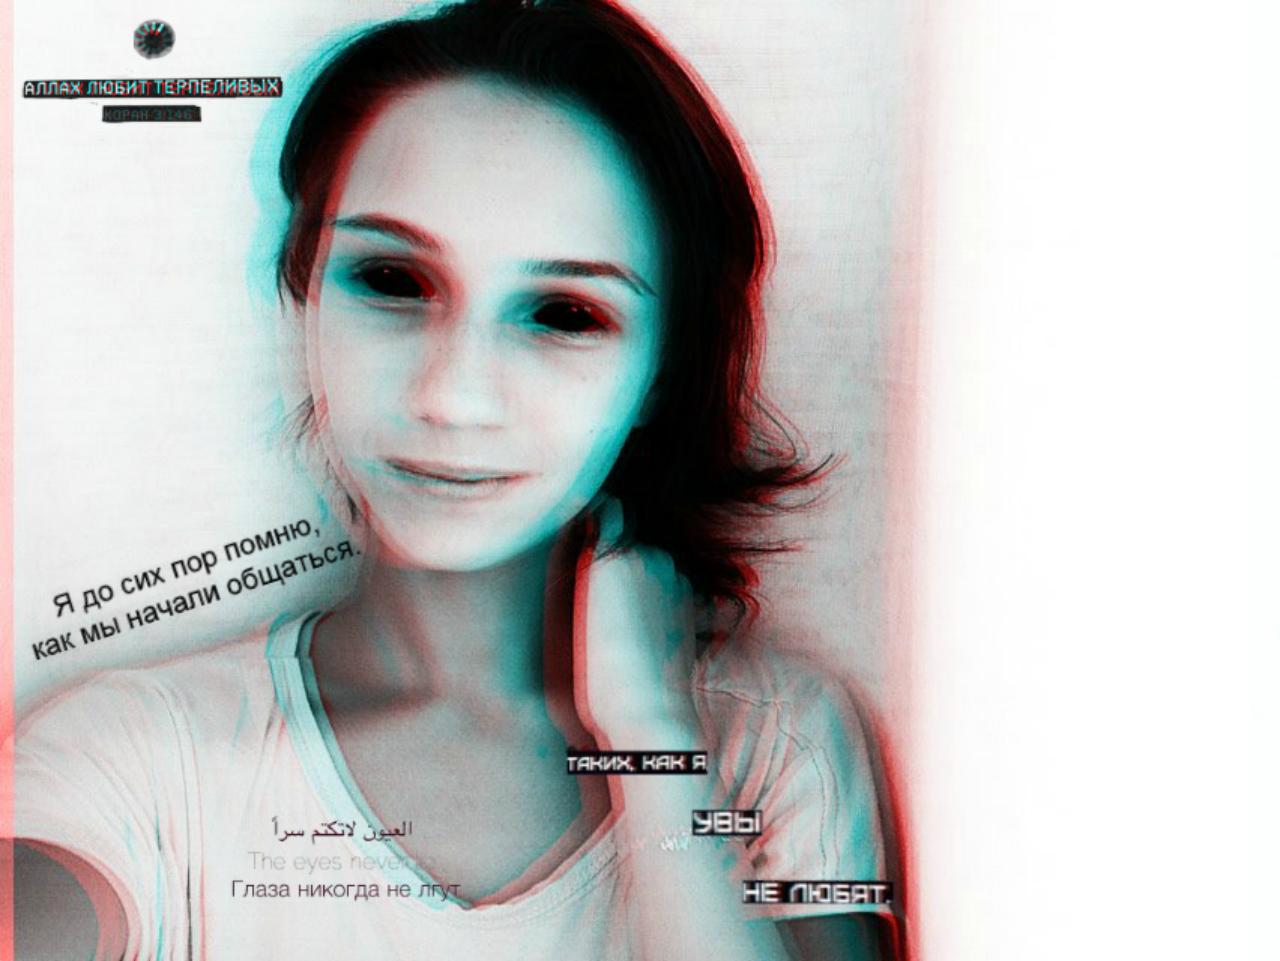 Как сделать черные глаза на фото в аватане